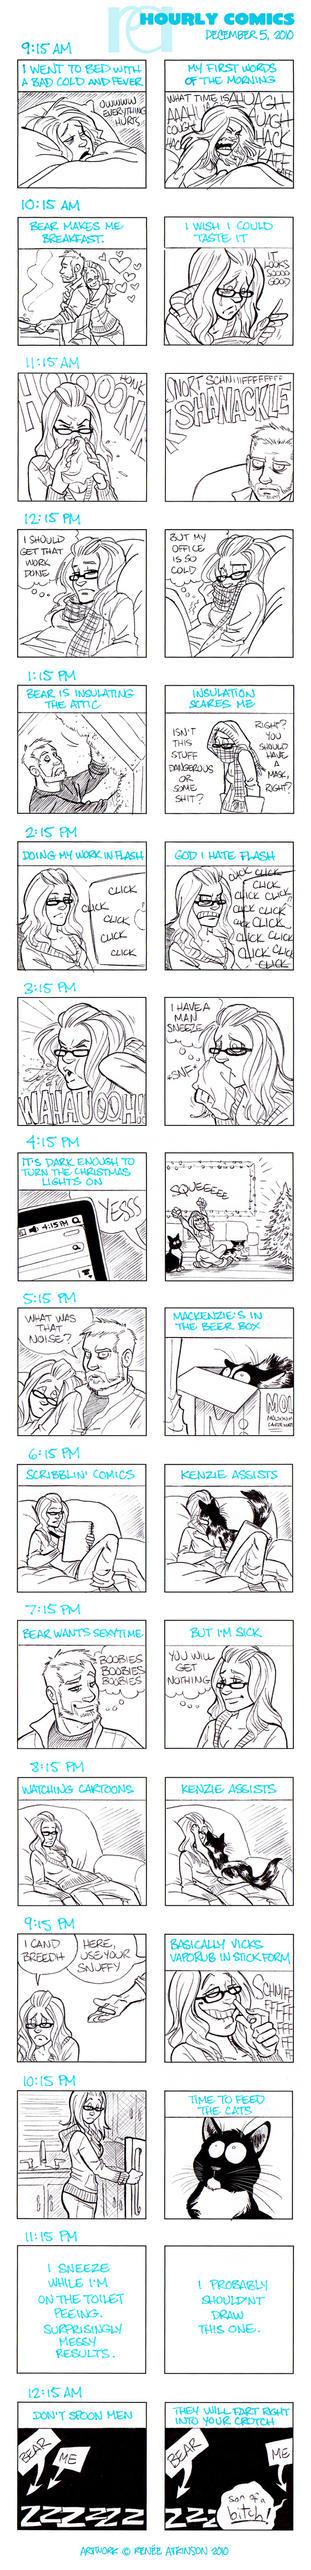 Hourly Comics - Dec5, 2010 by ren52